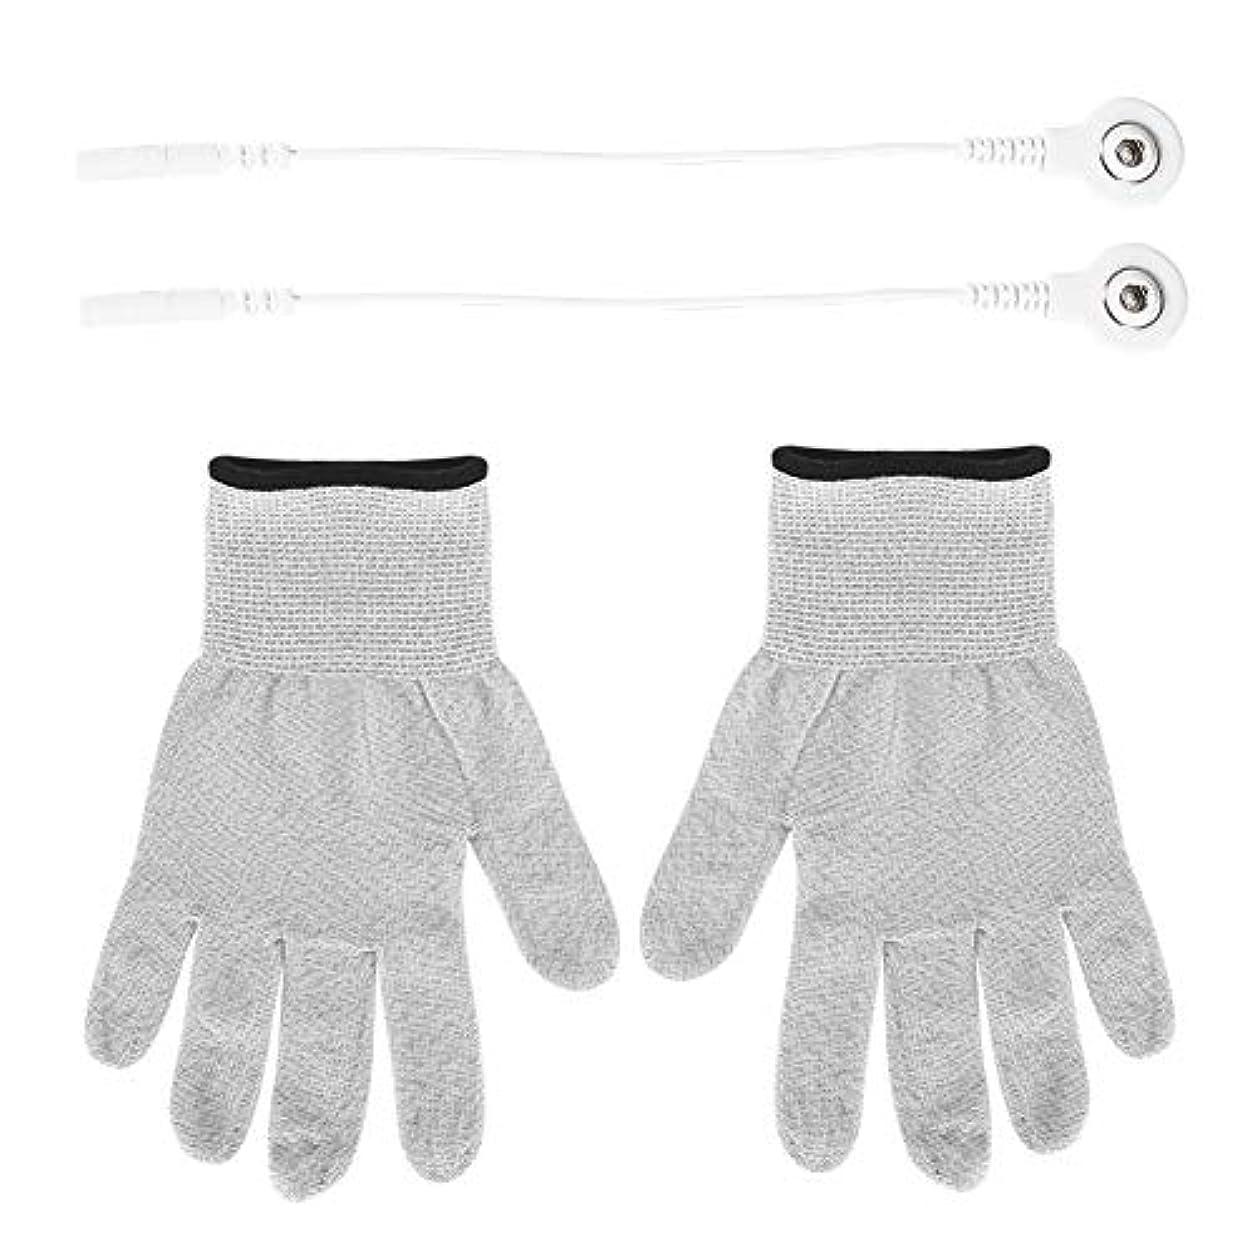 決してキャラクターインストール電極手袋、1対の導電性繊維電極手袋、アダプター電極付き電気ショックファイバー用リード線